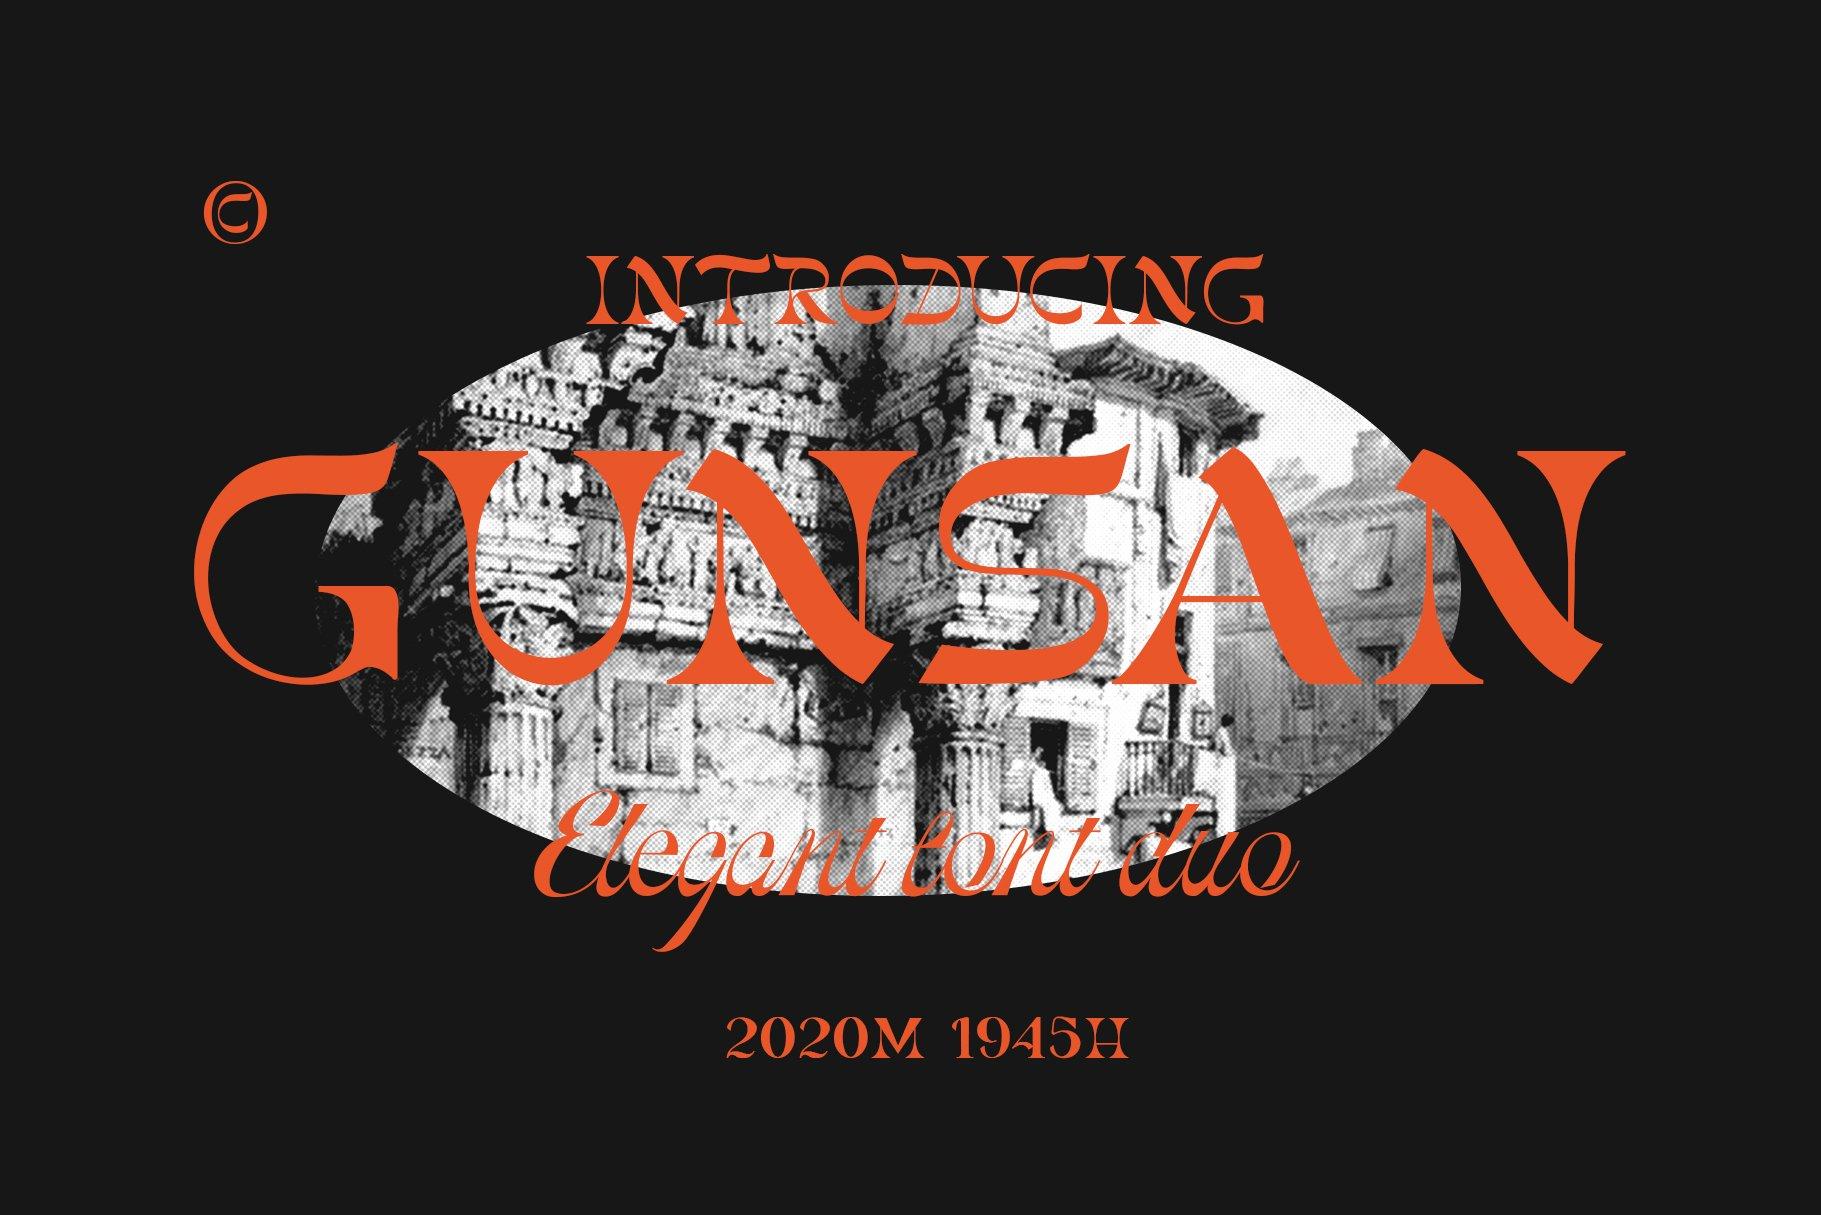 [单独购买] 潮流复古酸性艺术海报杂志Logo标题英文字体设计素材 Gunsan Font Duo插图